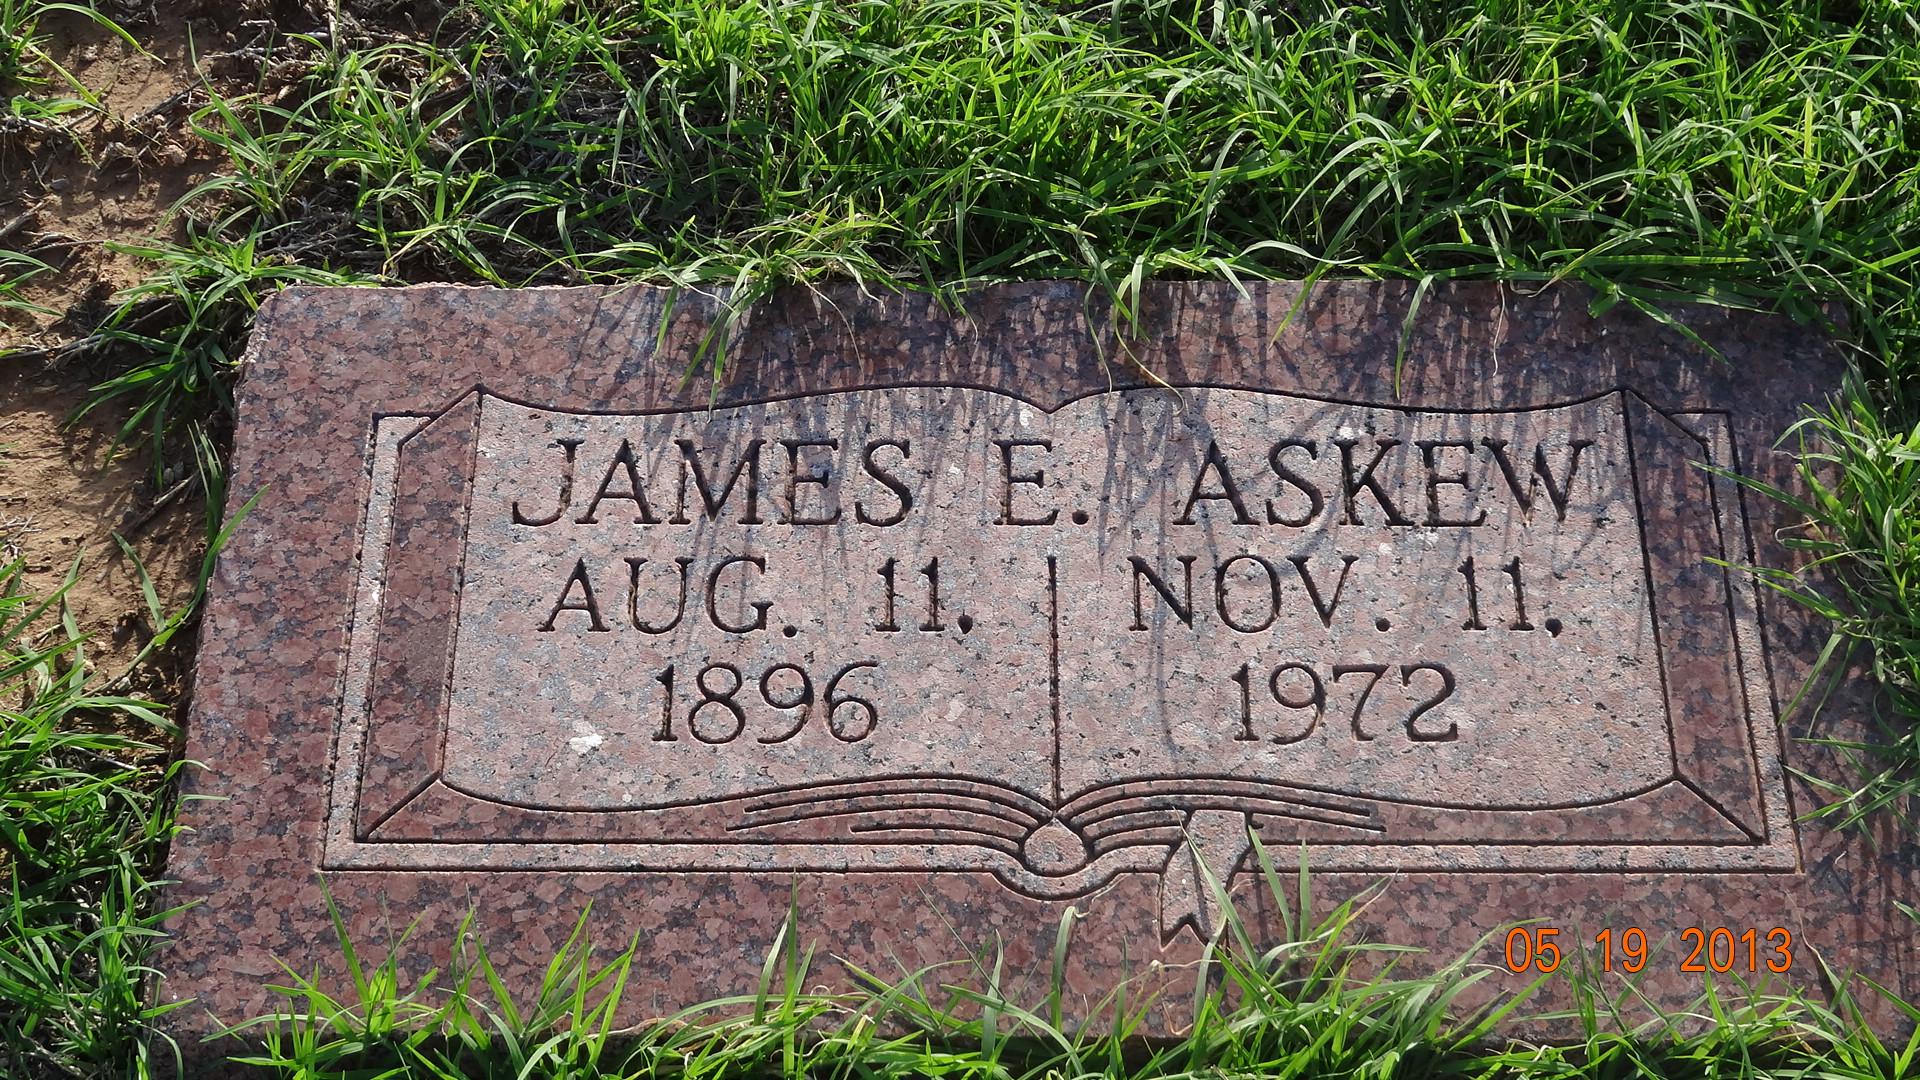 James E. Askew